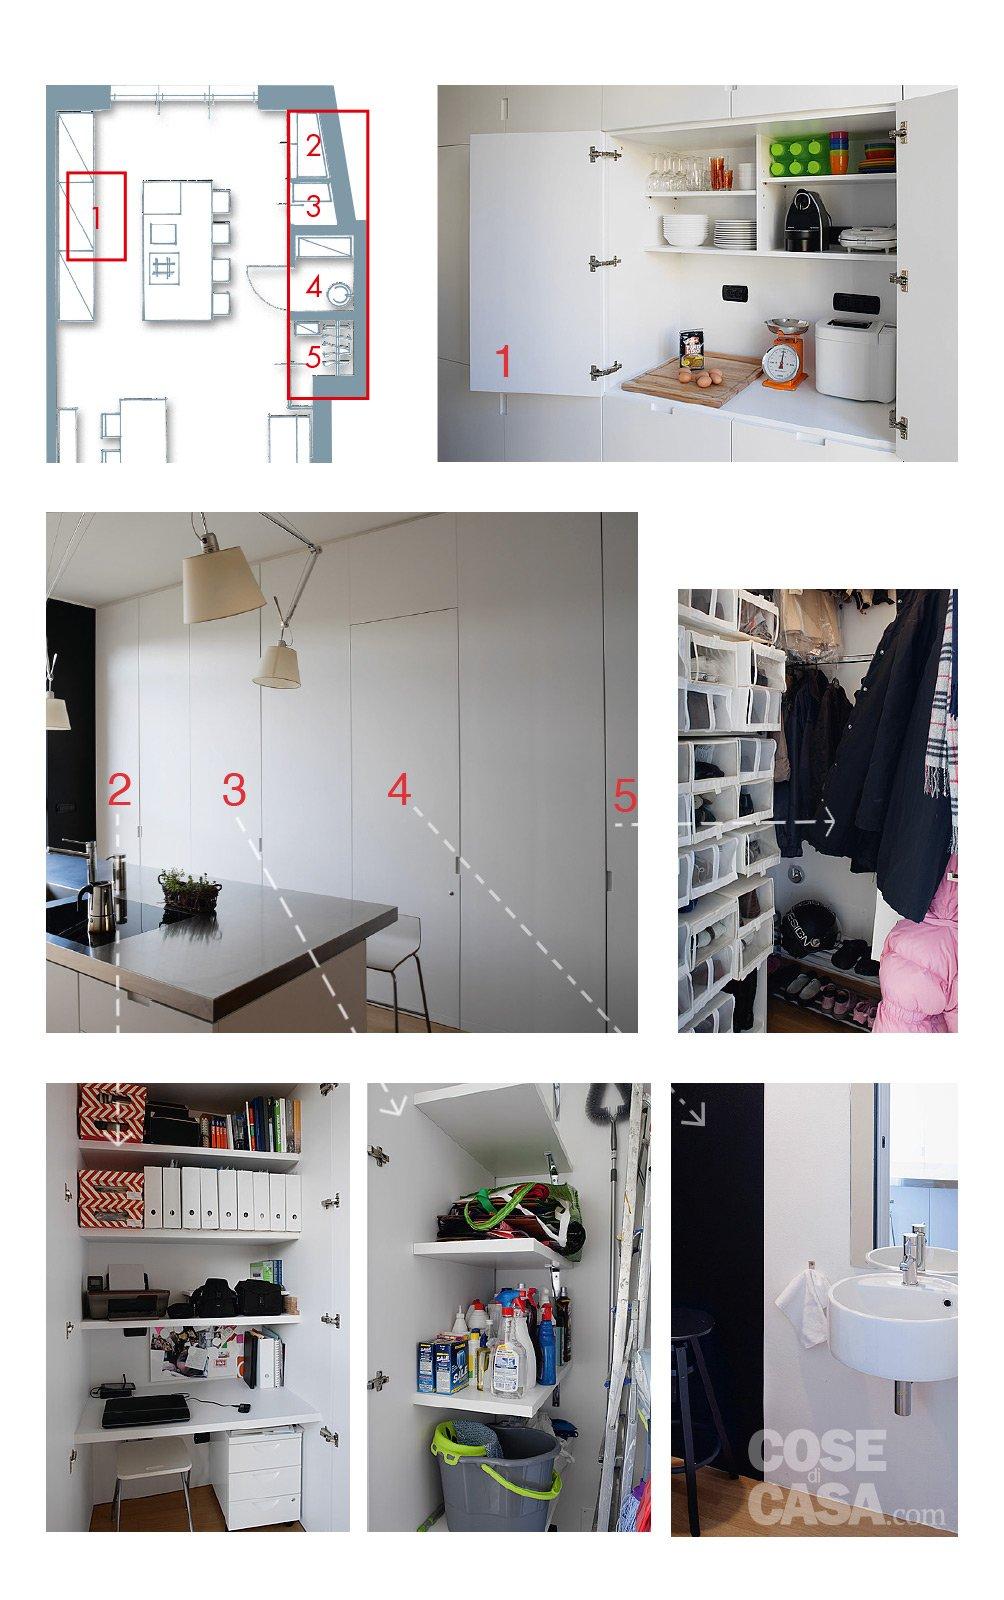 60 50 mq una casa con elementi a scomparsa cose di casa - Montaggio cucina ikea ...